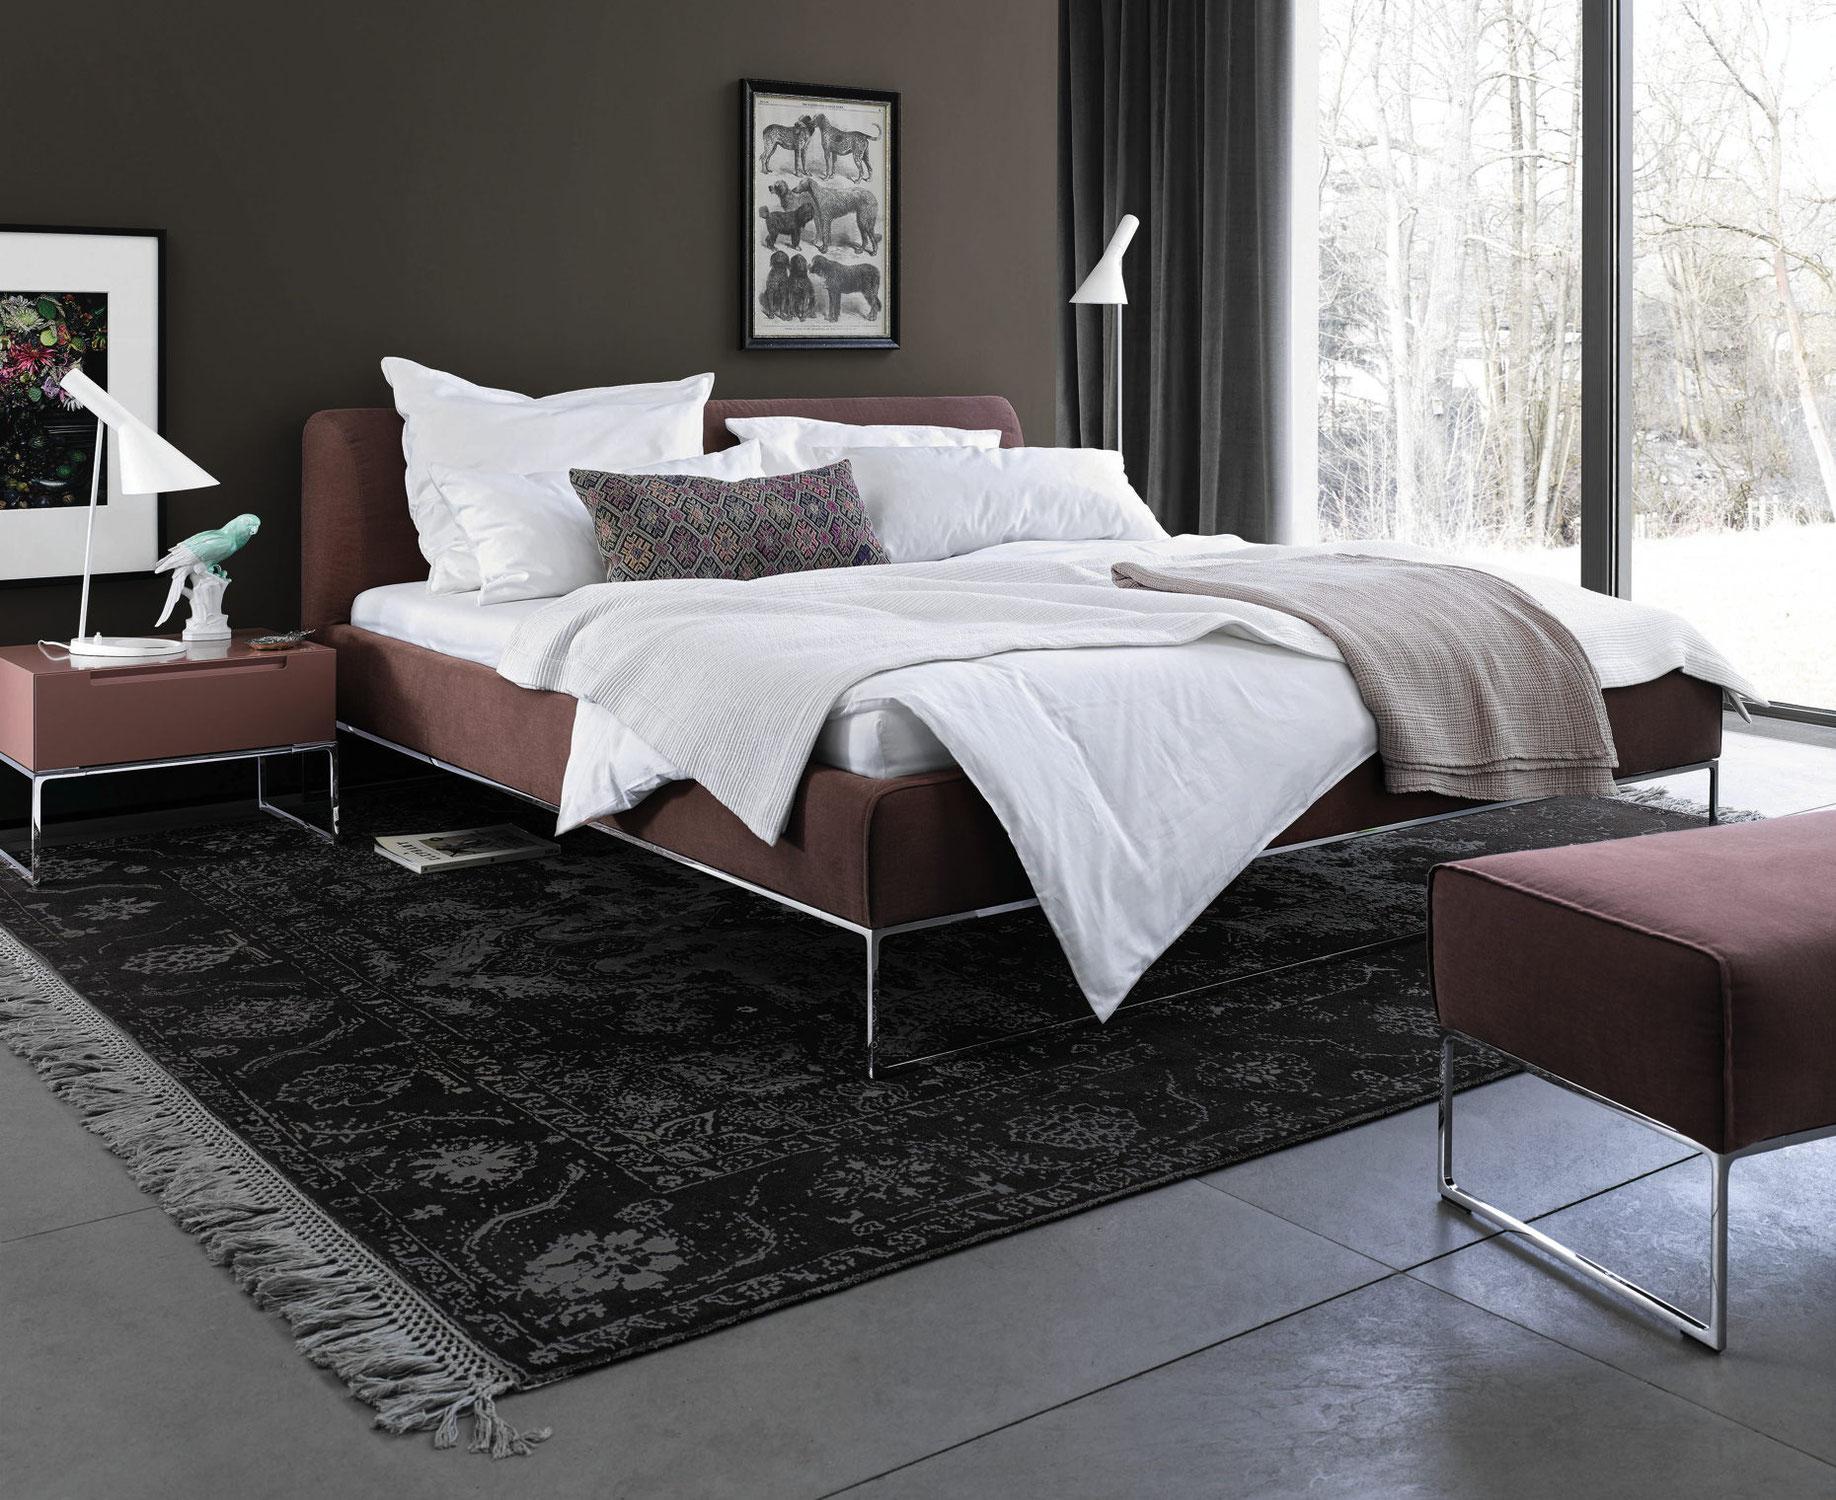 welche pflanzen sollte man nicht im schlafzimmer haben bettw sche japan deko vorh nge. Black Bedroom Furniture Sets. Home Design Ideas